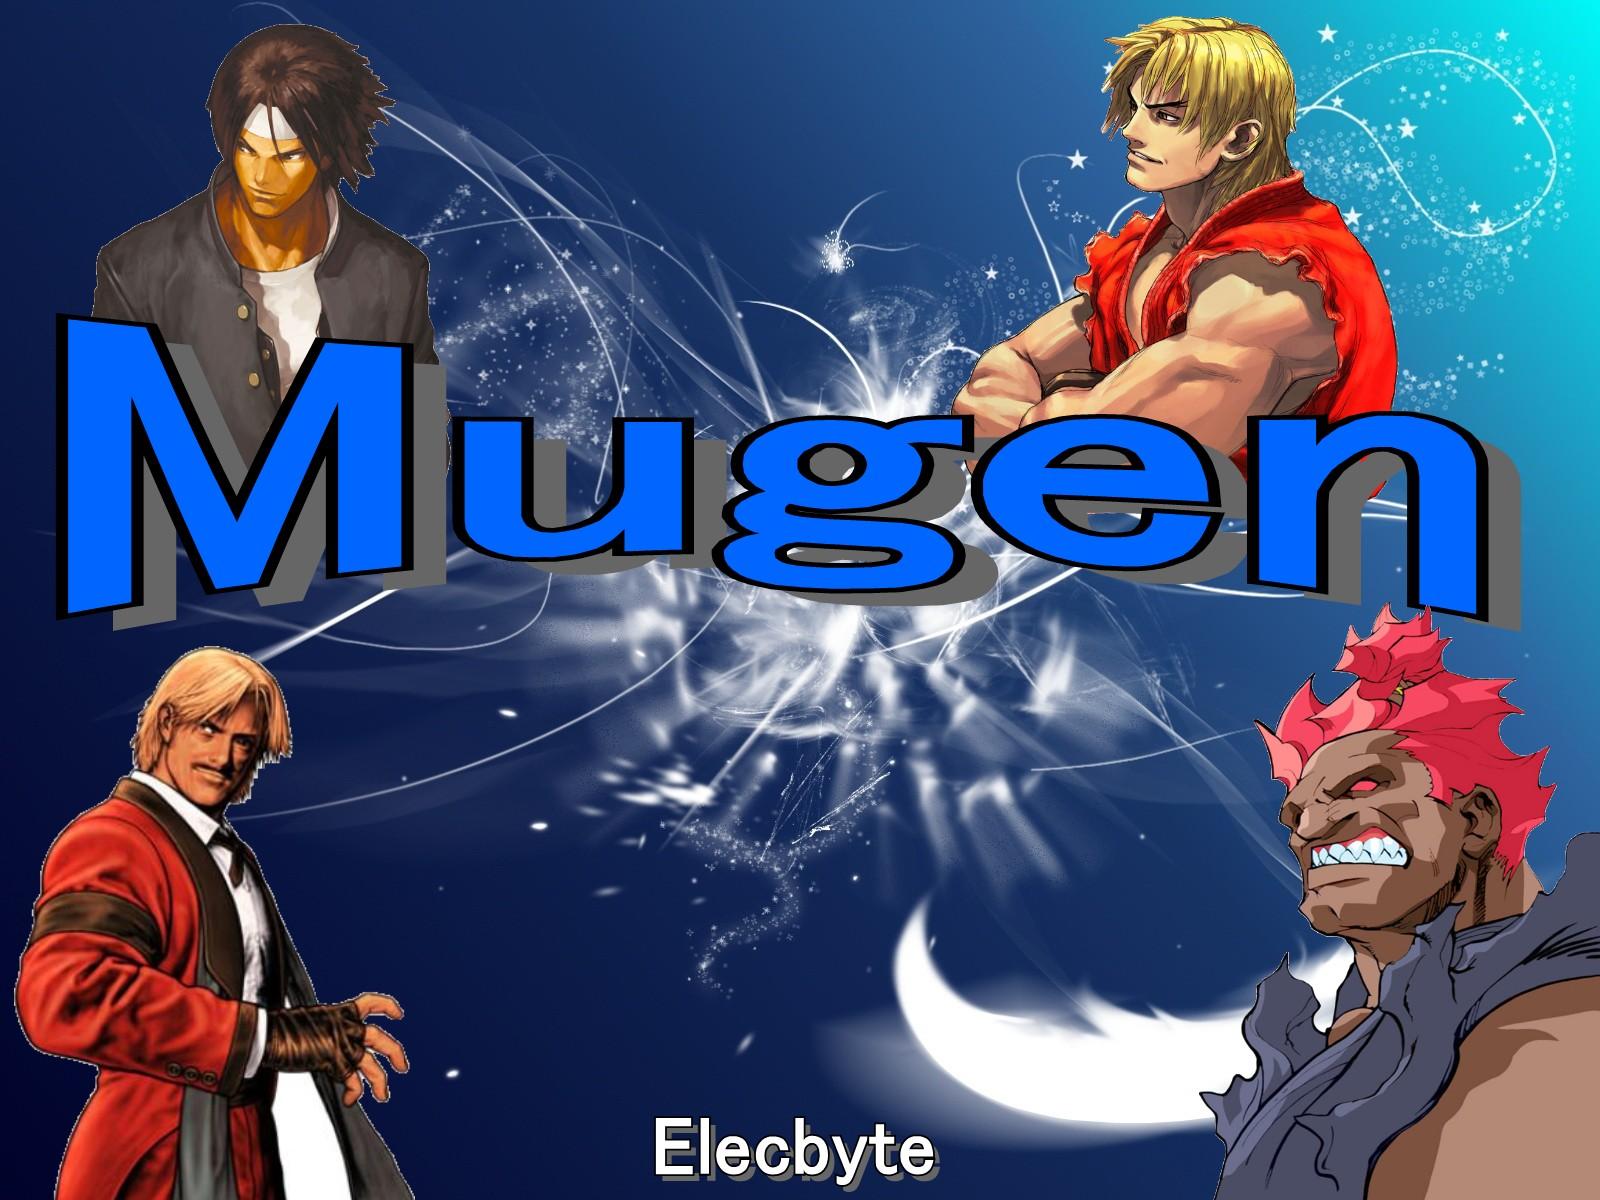 Mugen Wallpaper image   MUGEN Elecbyte   Mod DB 1600x1200